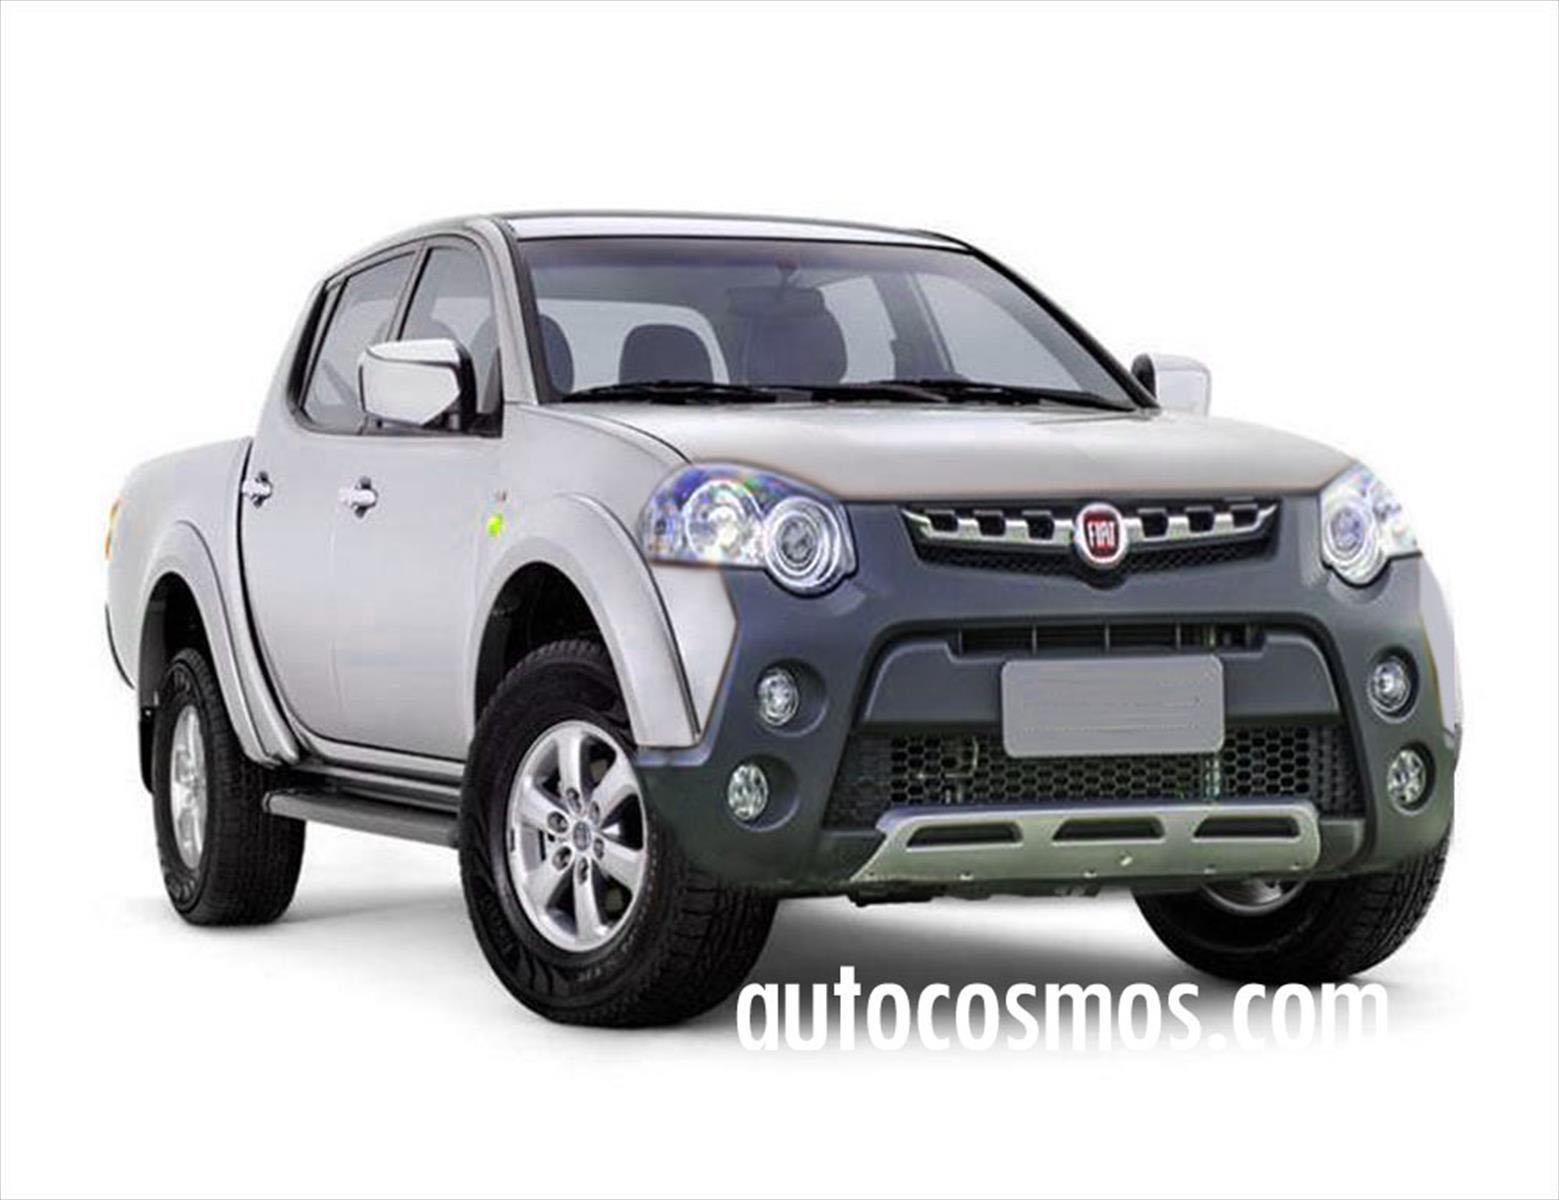 Mitsubishi tienen un pre acuerdo para una Pick-Up - Autocosmos.com